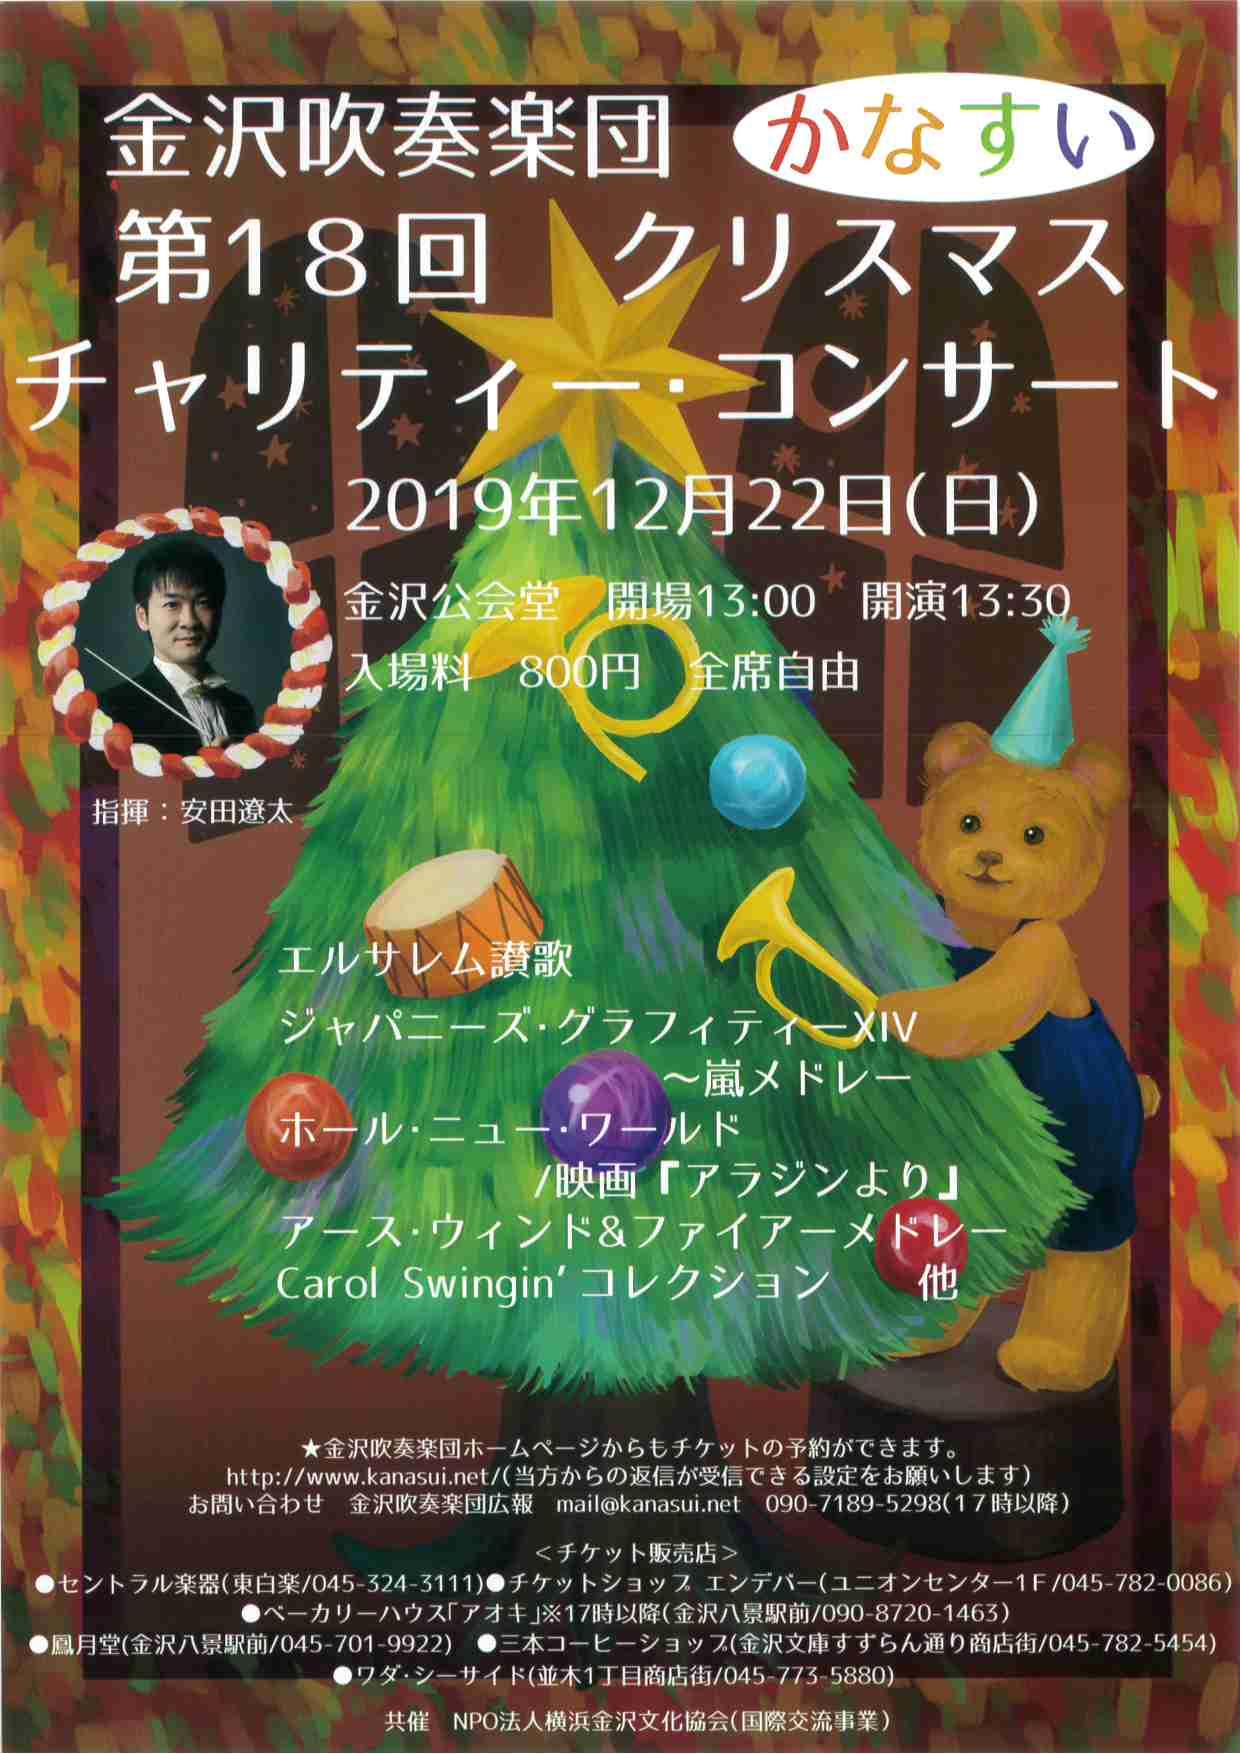 金沢吹奏楽団 第18回 クリスマス・チャリティー・コンサート